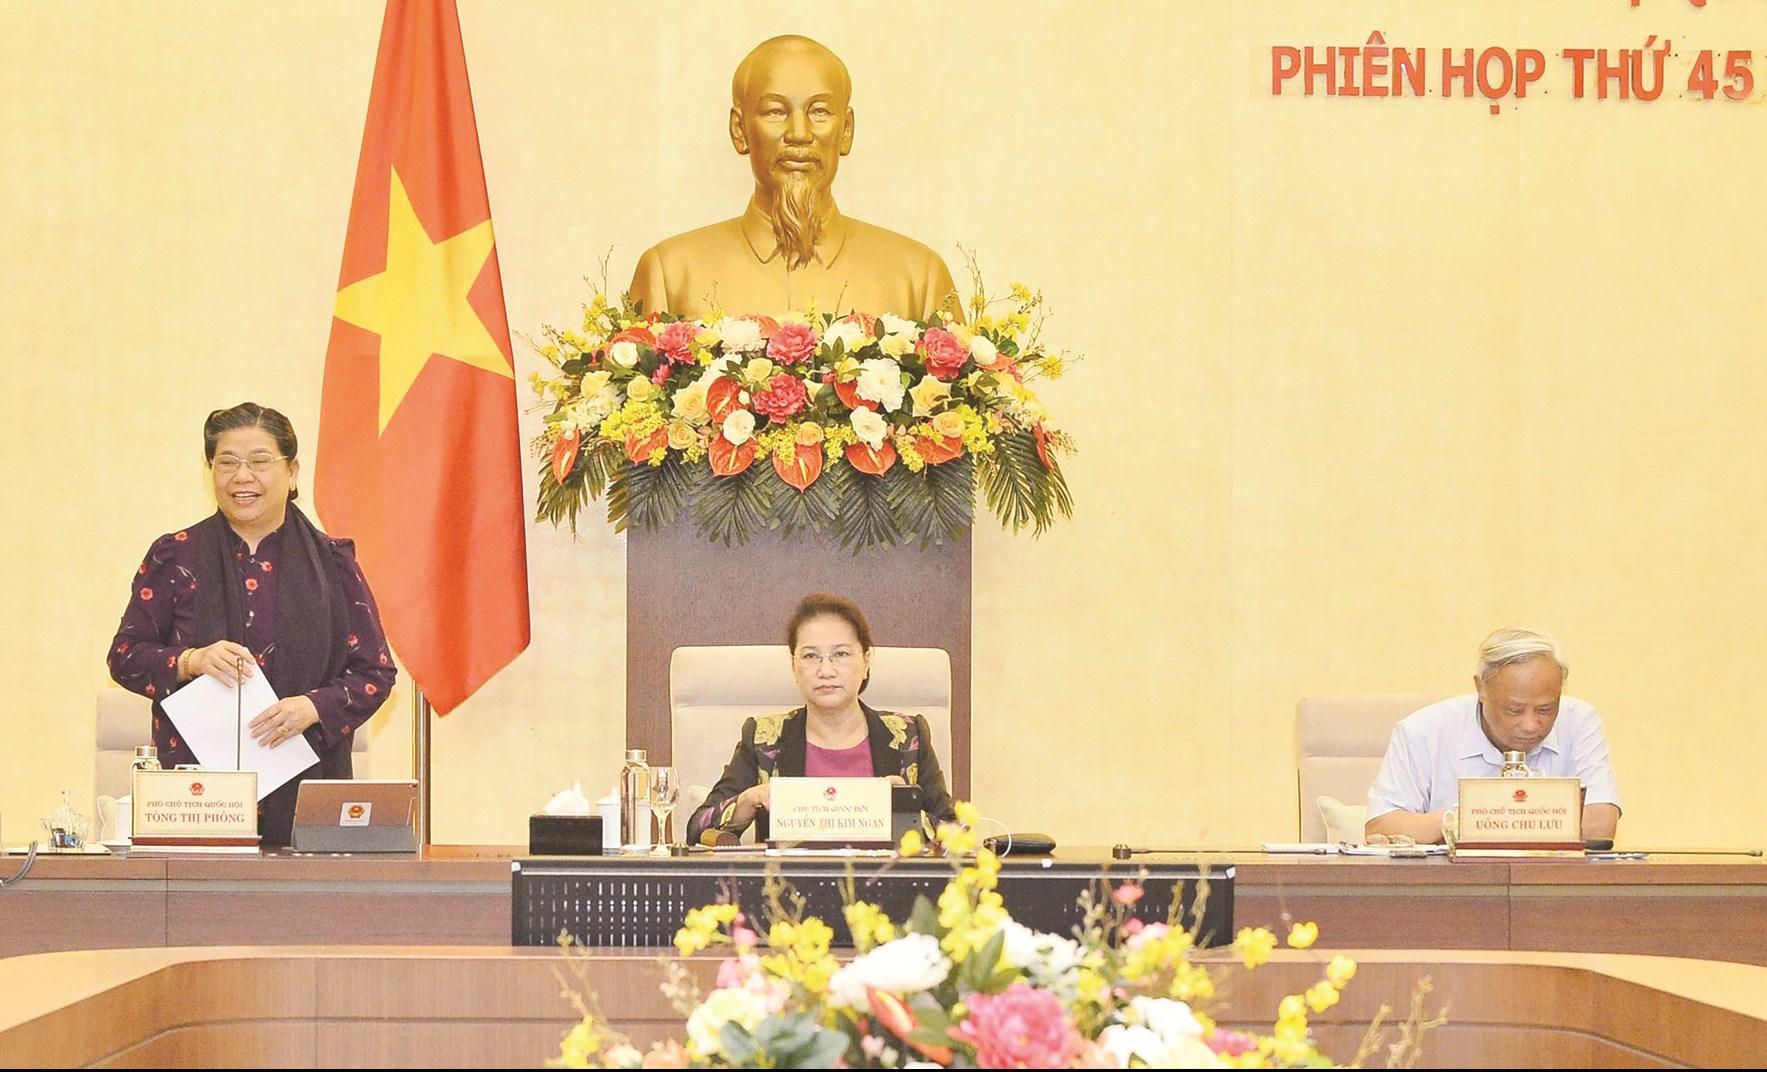 Phó Chủ tịch Thường trực Quốc hội Tòng Thị Phóng chủ trì phiên họp. Ảnh: Trọng Đức - TTXVN